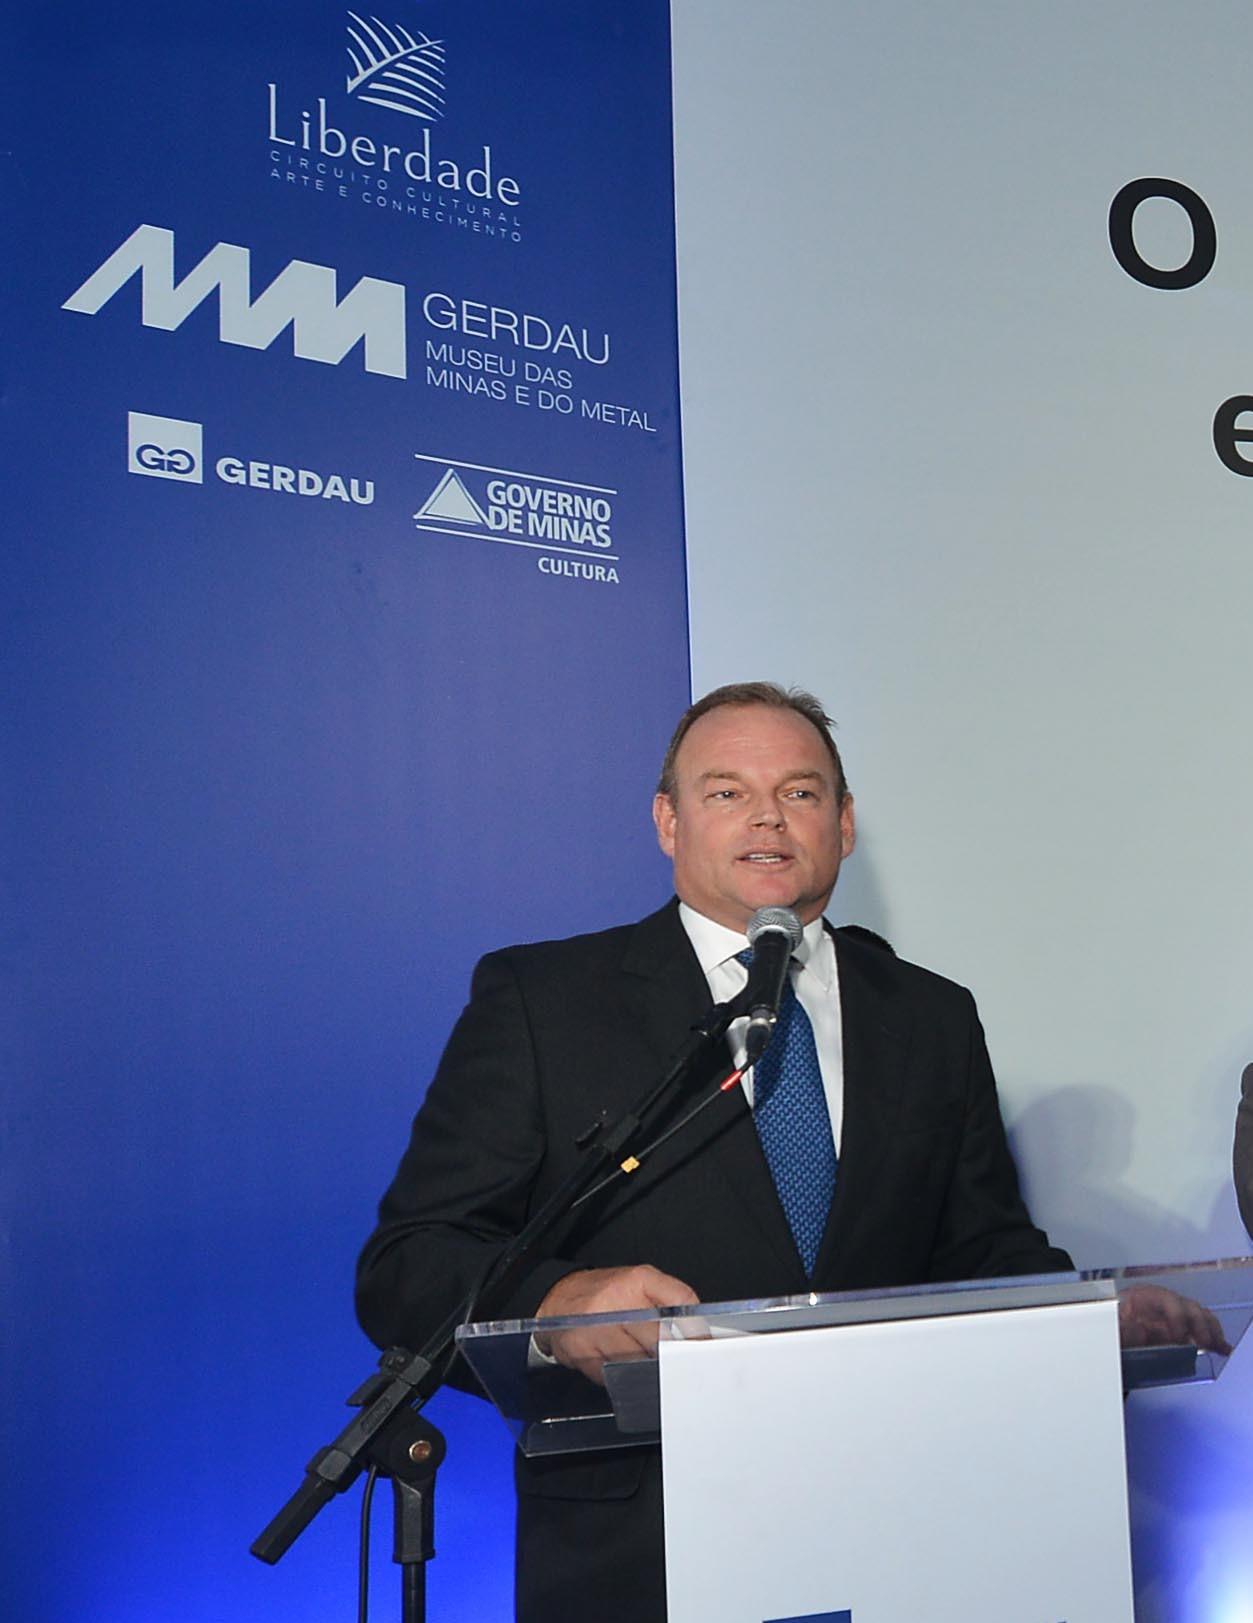 O diretor-presidente da empresa, André Gerdau